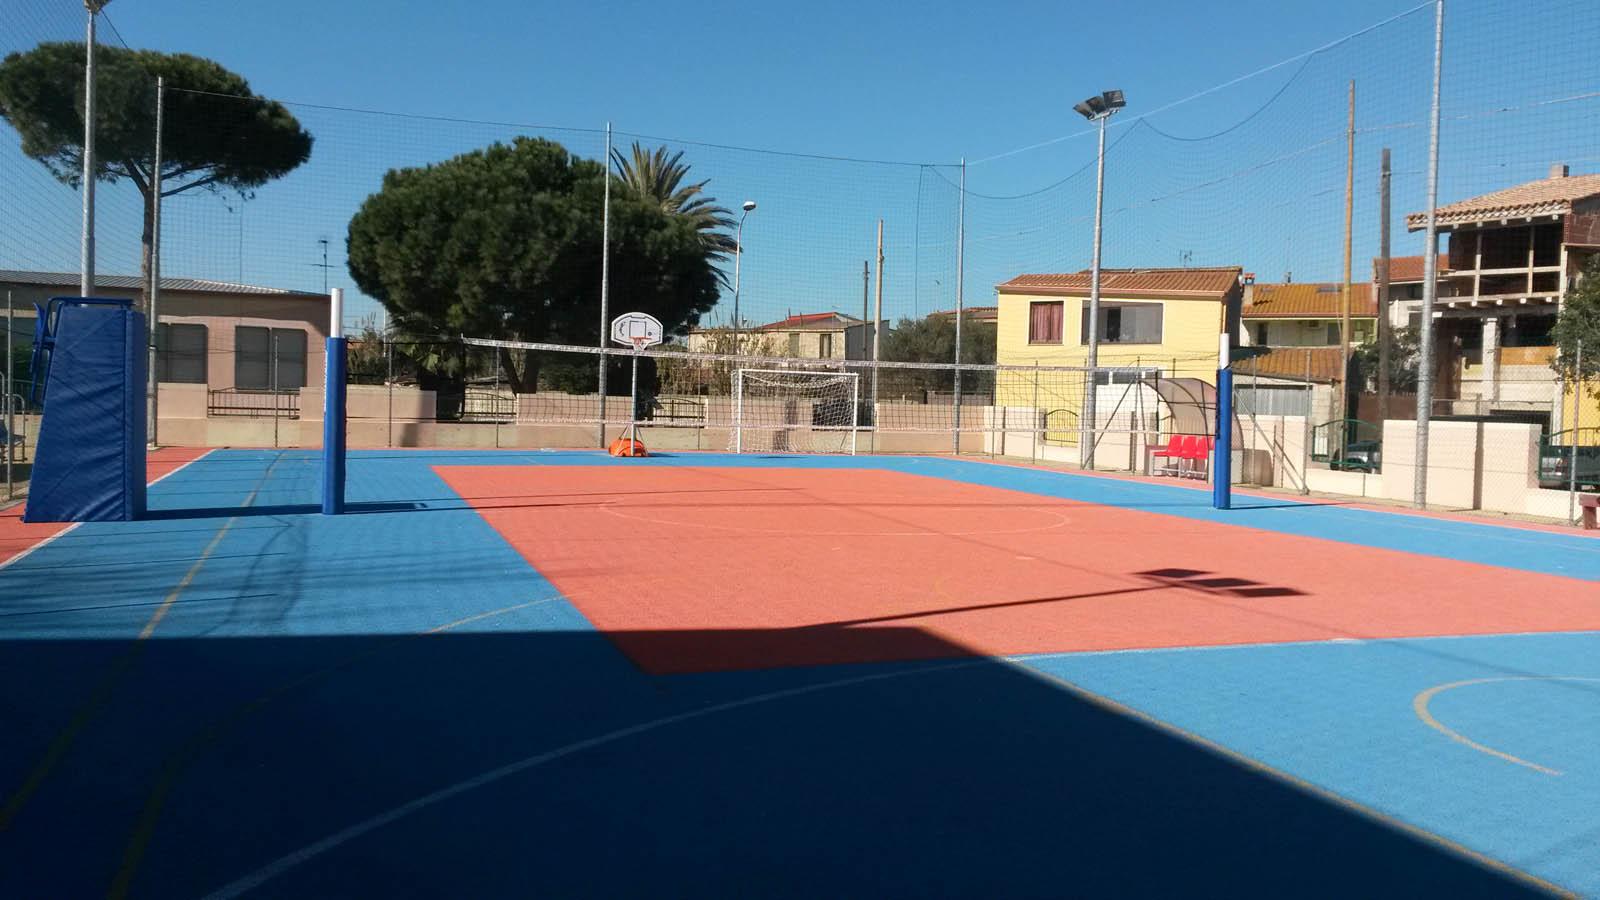 Impianti da gioco e sport all'aperto